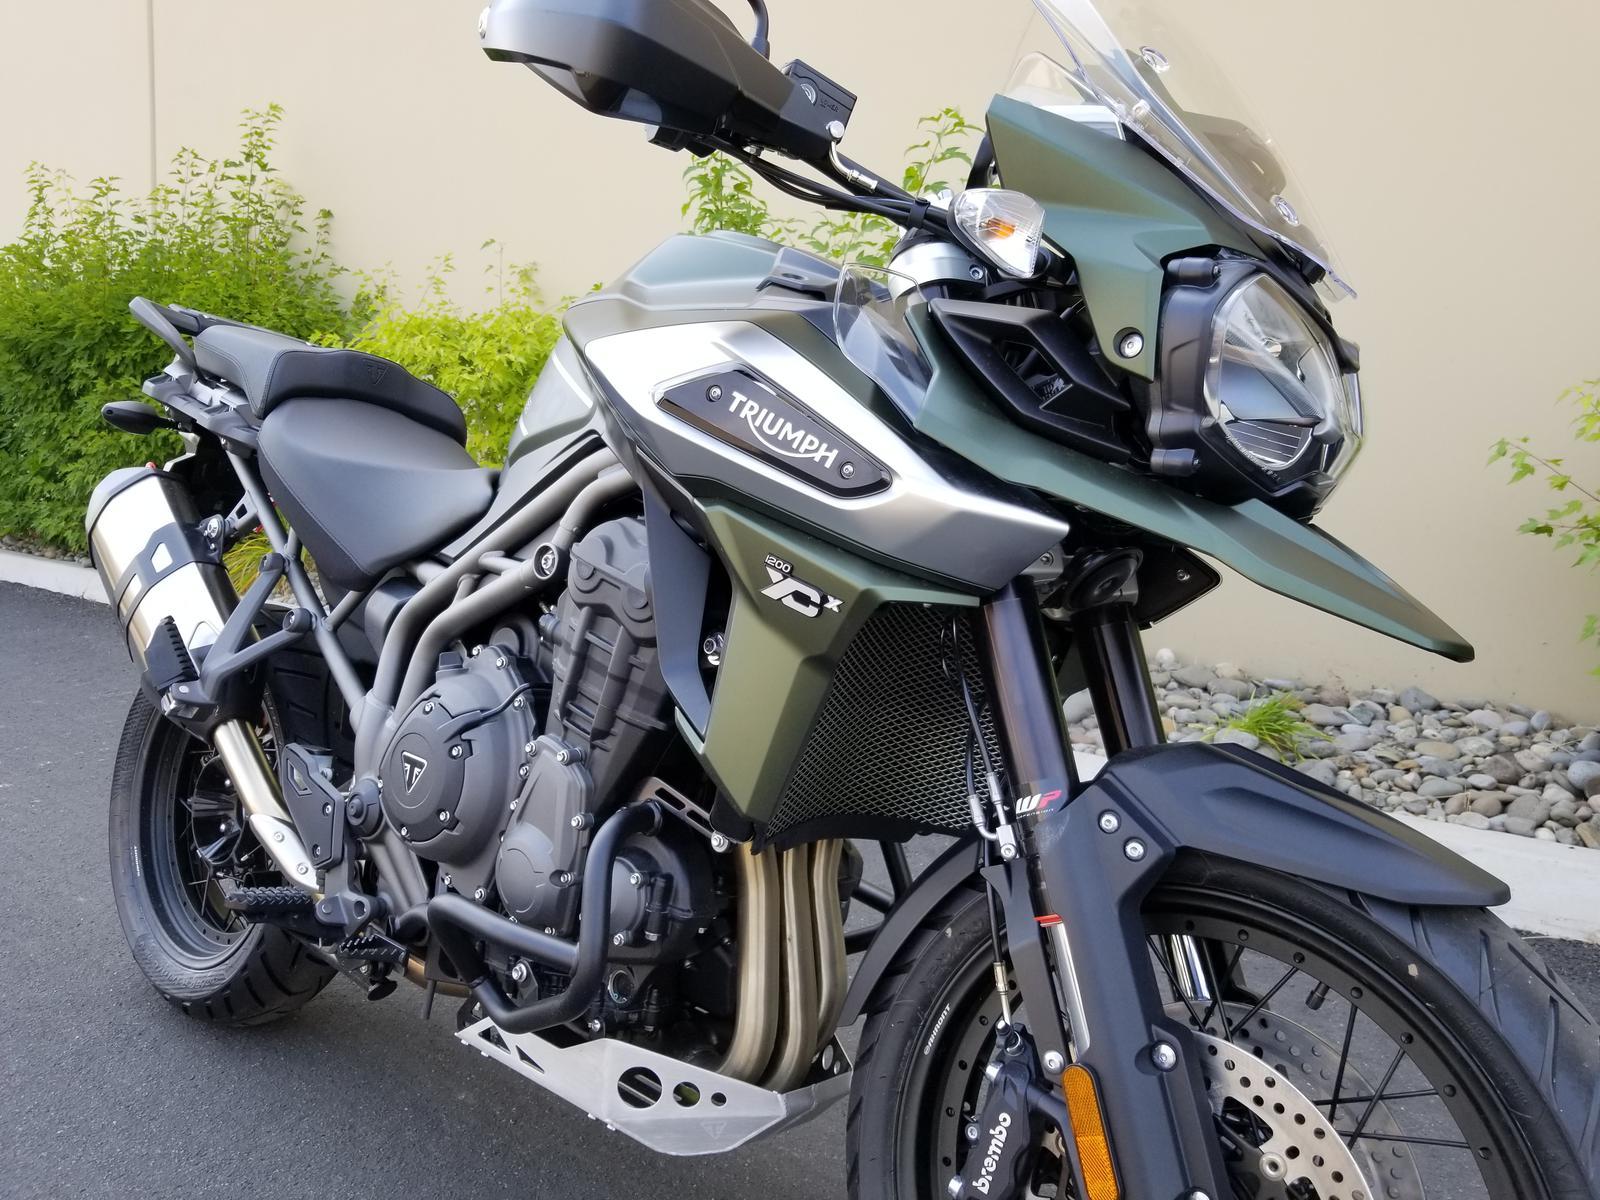 2018 Triumph Tiger 1200 Xcx For Sale In Reno Nv Euro Cycle Reno